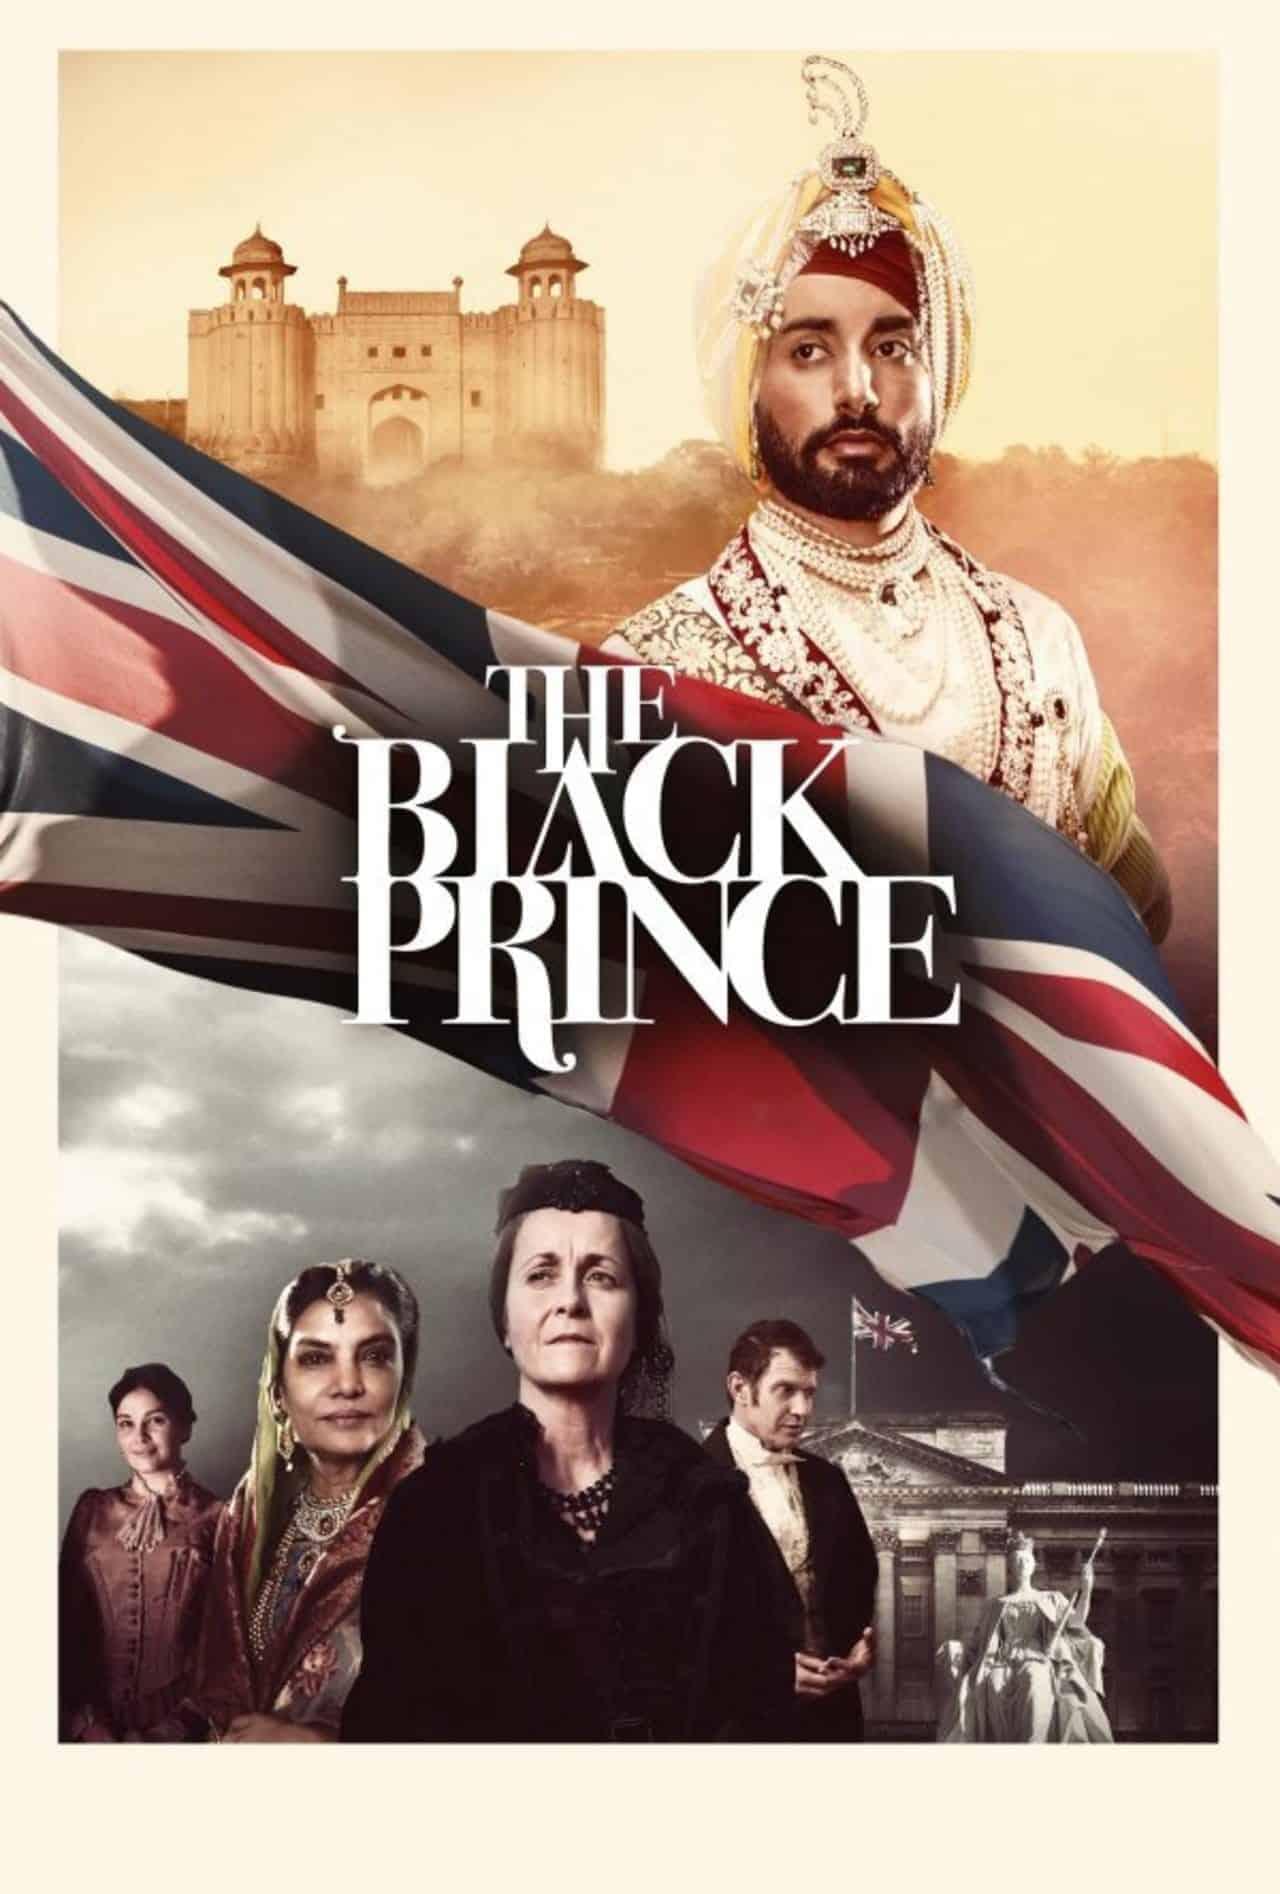 دانلود فیلم The Black Prince 2017 با زیرنویس فارسی